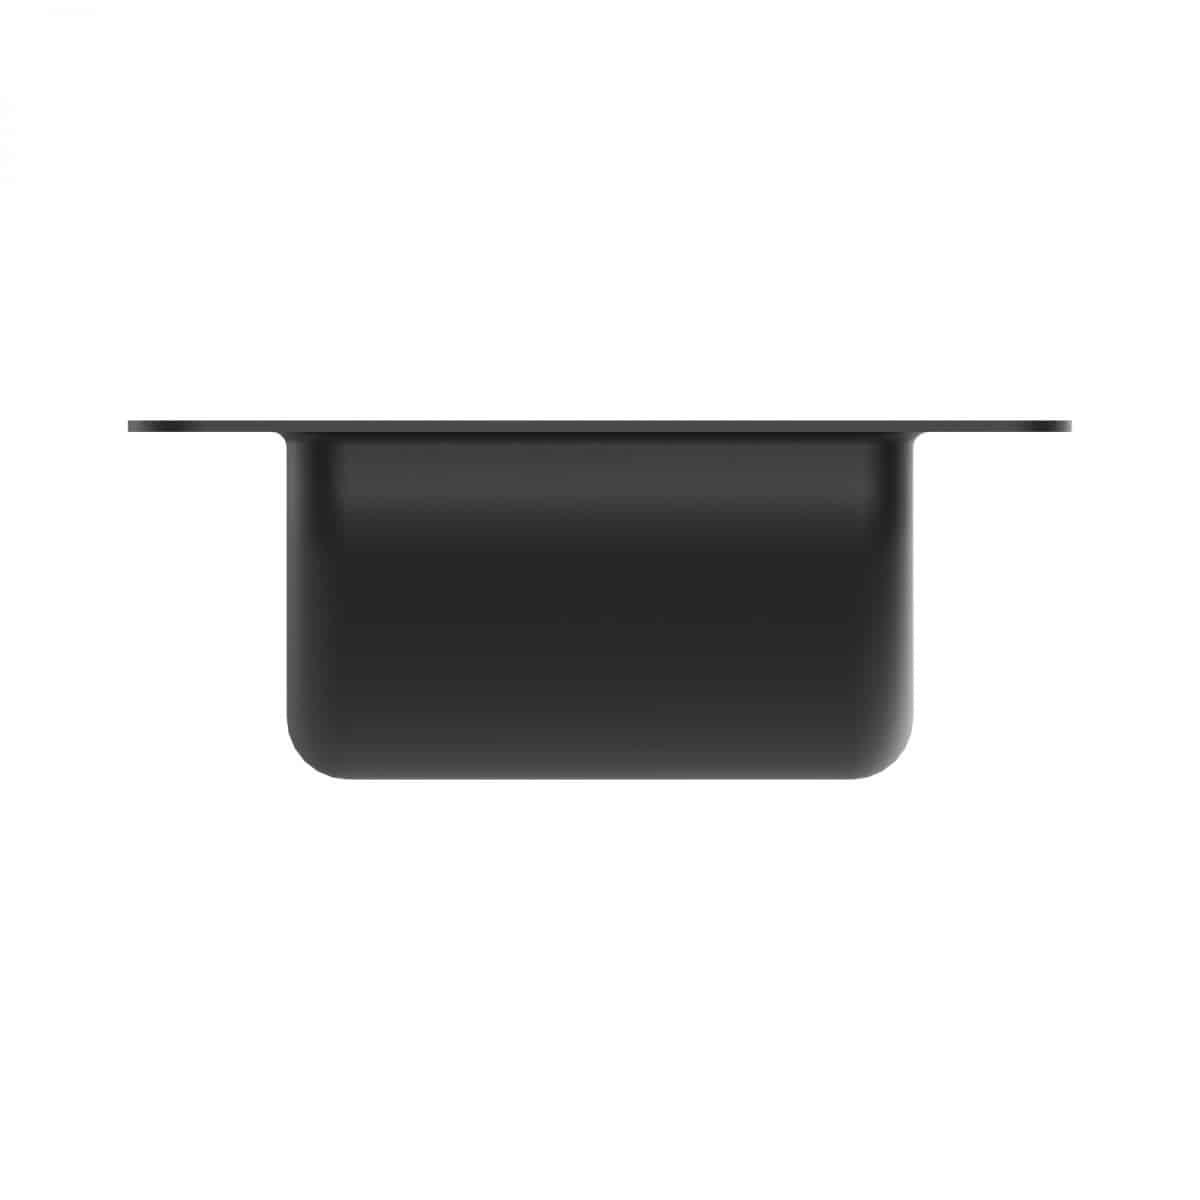 ARMOR YR-6201 Black Castor Dish with Deep Recess for 4'' Castors